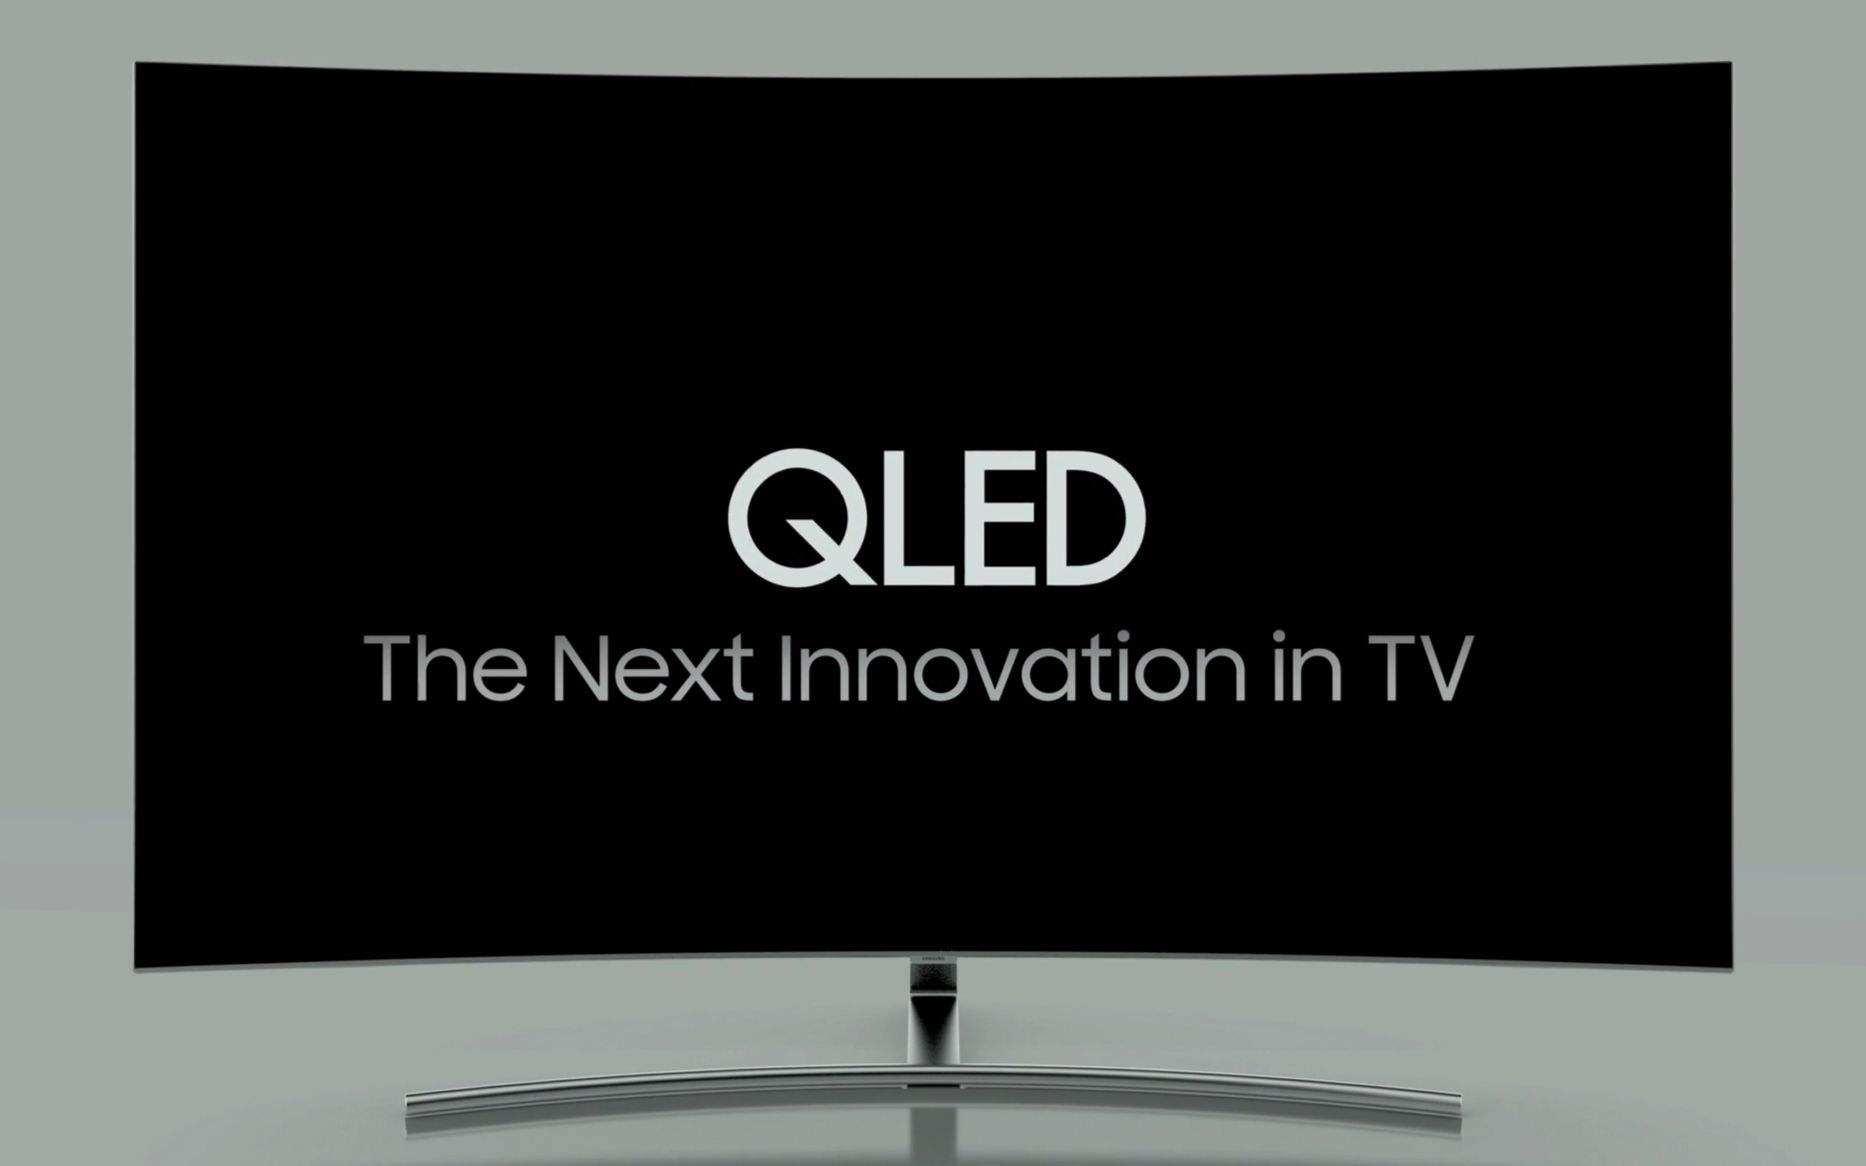 押宝量子点电视?2019QLED电视或呈爆发式增长